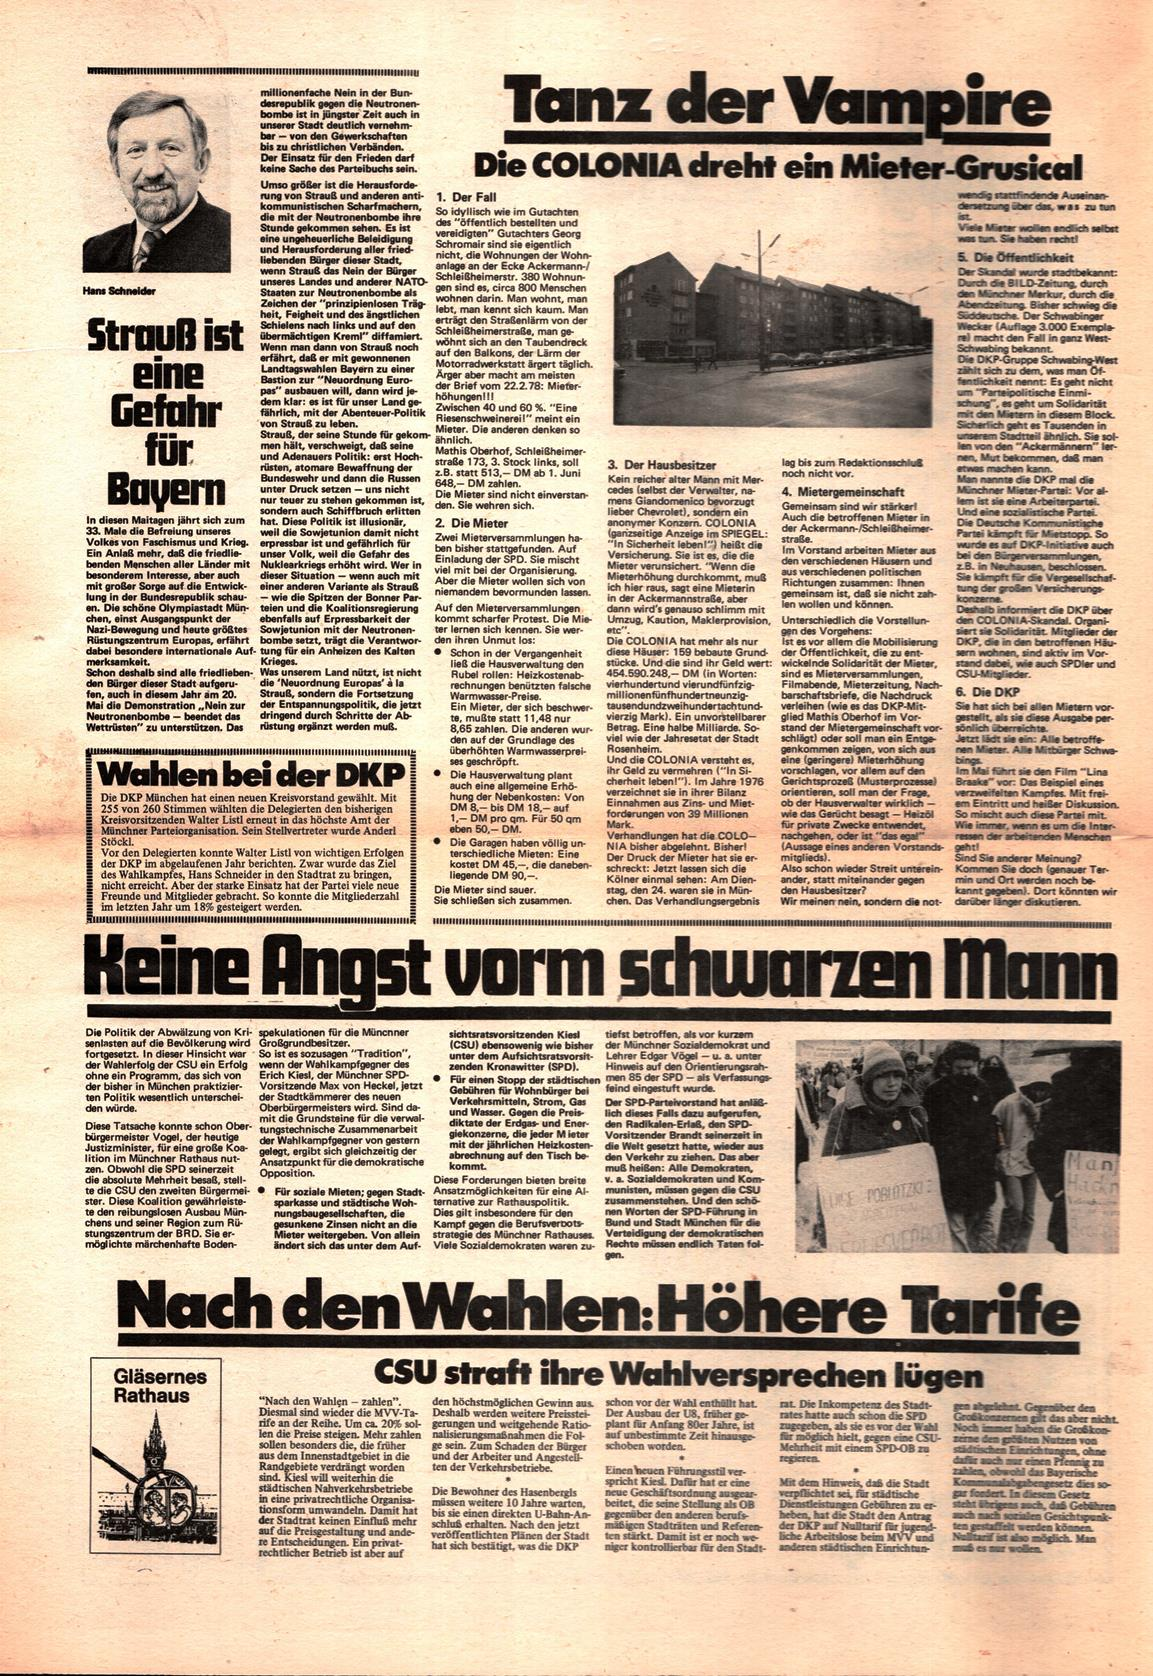 Muenchen_DKP_Neues_Muenchen_19780500_004_002